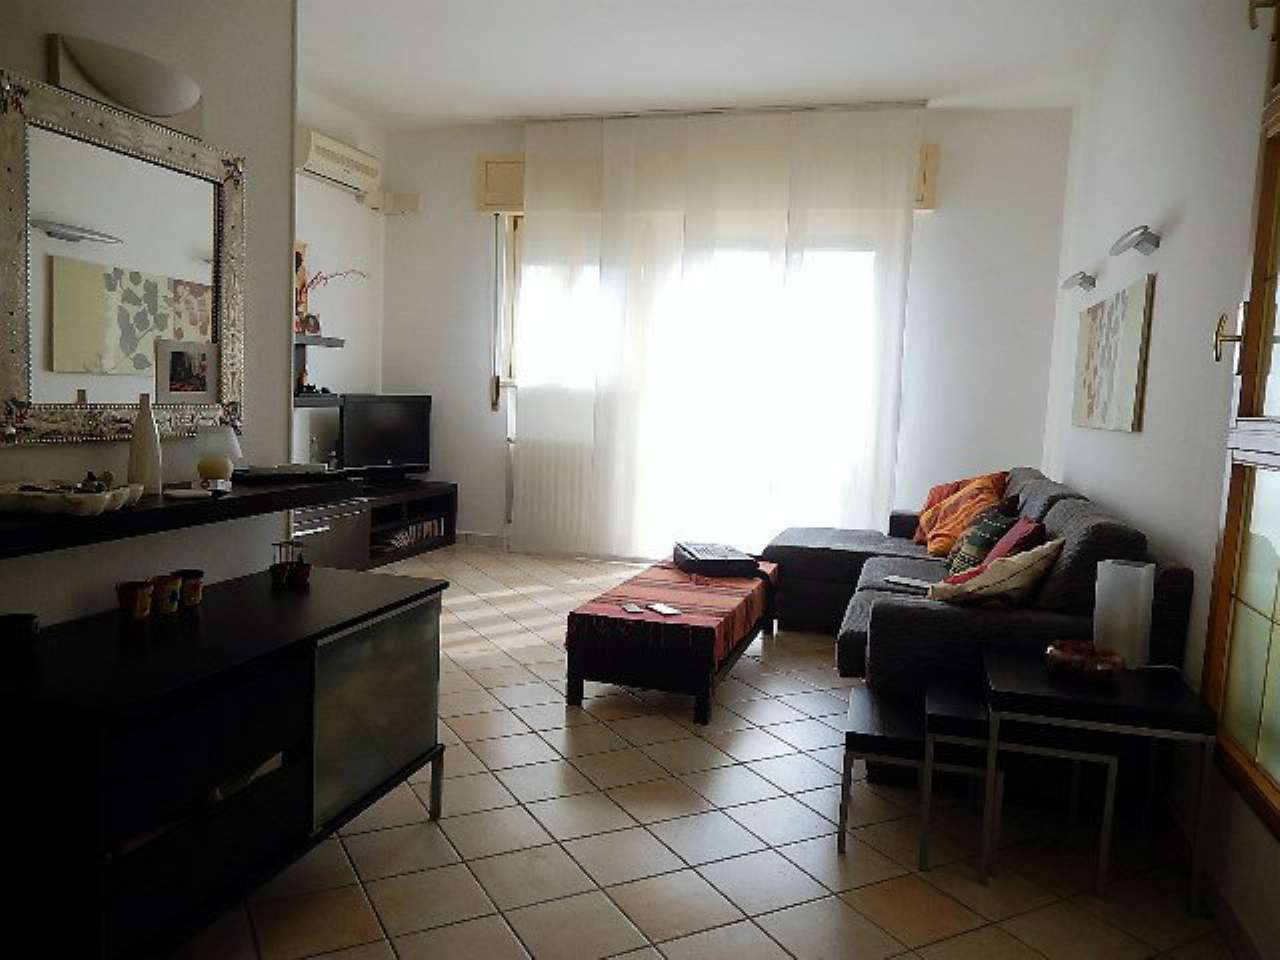 Appartamento in vendita a Forlì, 5 locali, prezzo € 155.000 | CambioCasa.it